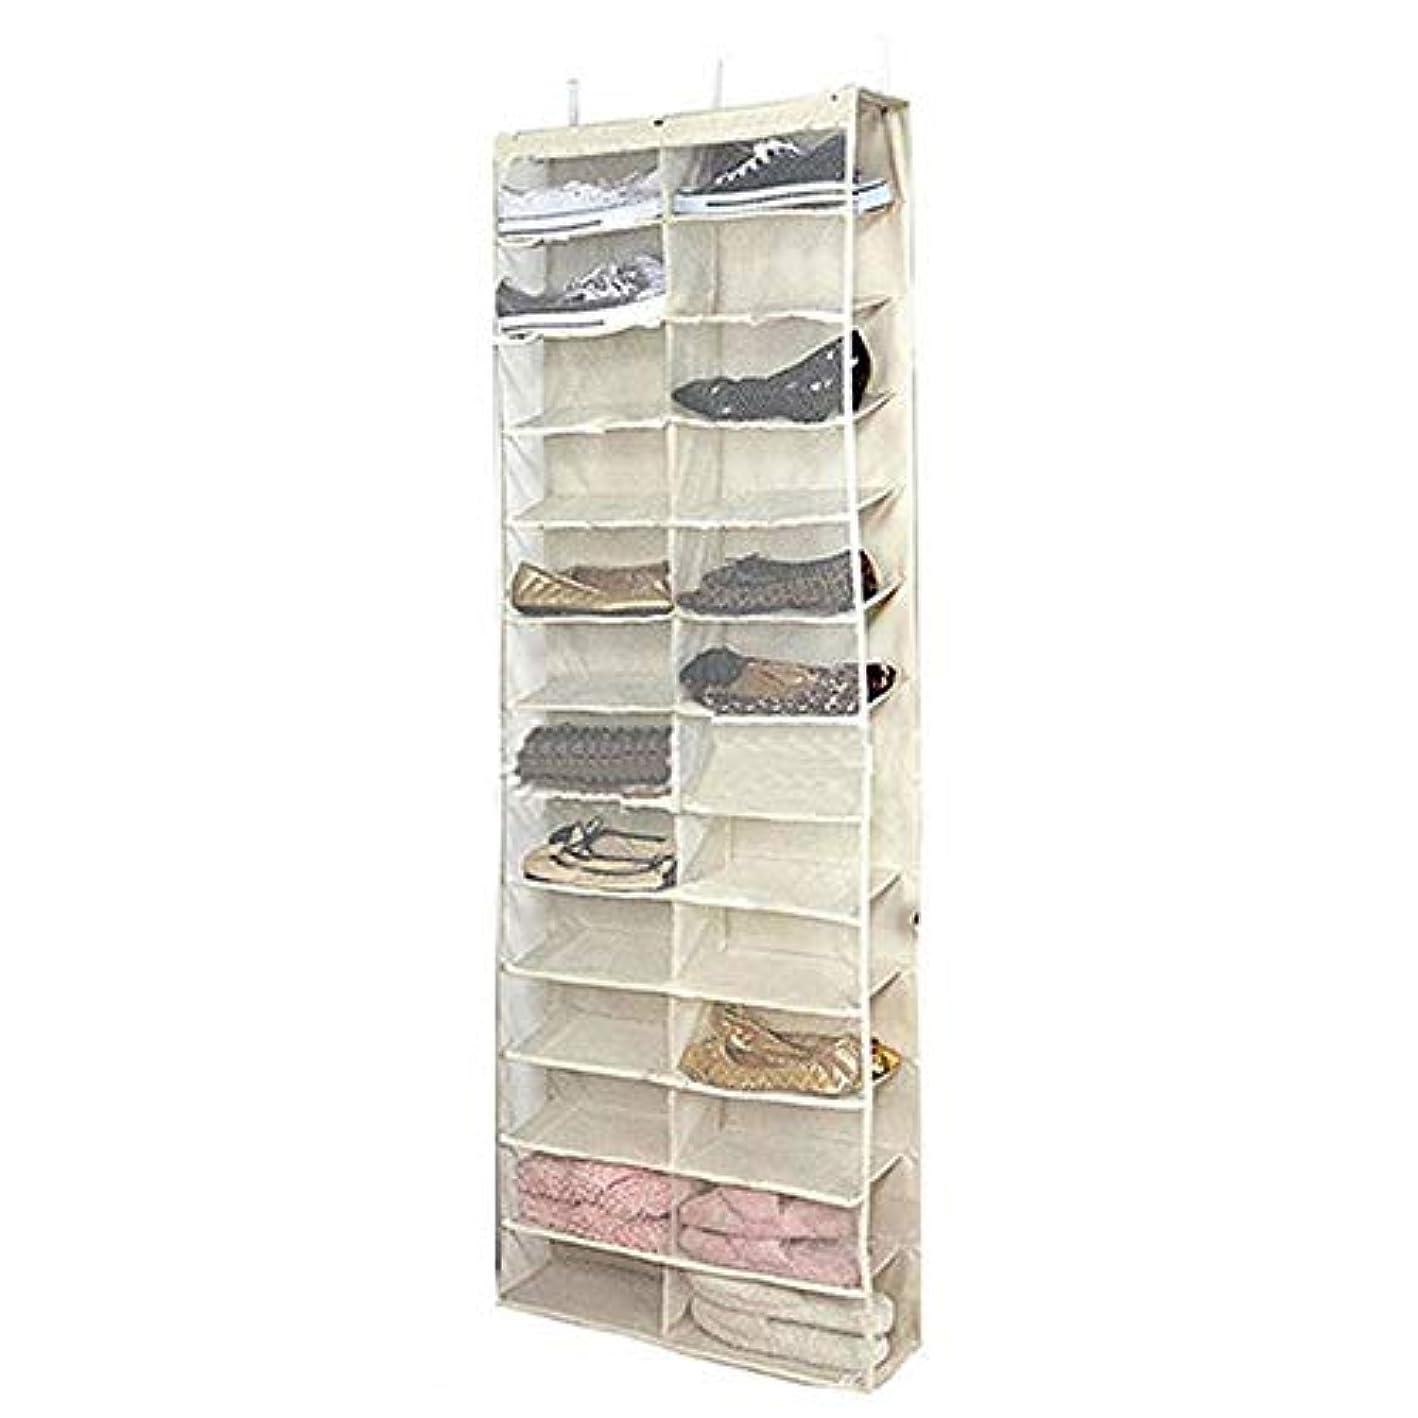 Canyixiu-Hanger Over The Door Shoe Organiser, Over The Door Shoe Organizer 26 Large Mesh Pockets Hanging Closet Door, Black. Hanging Narrow Wardrobe Door (Color : Beige)